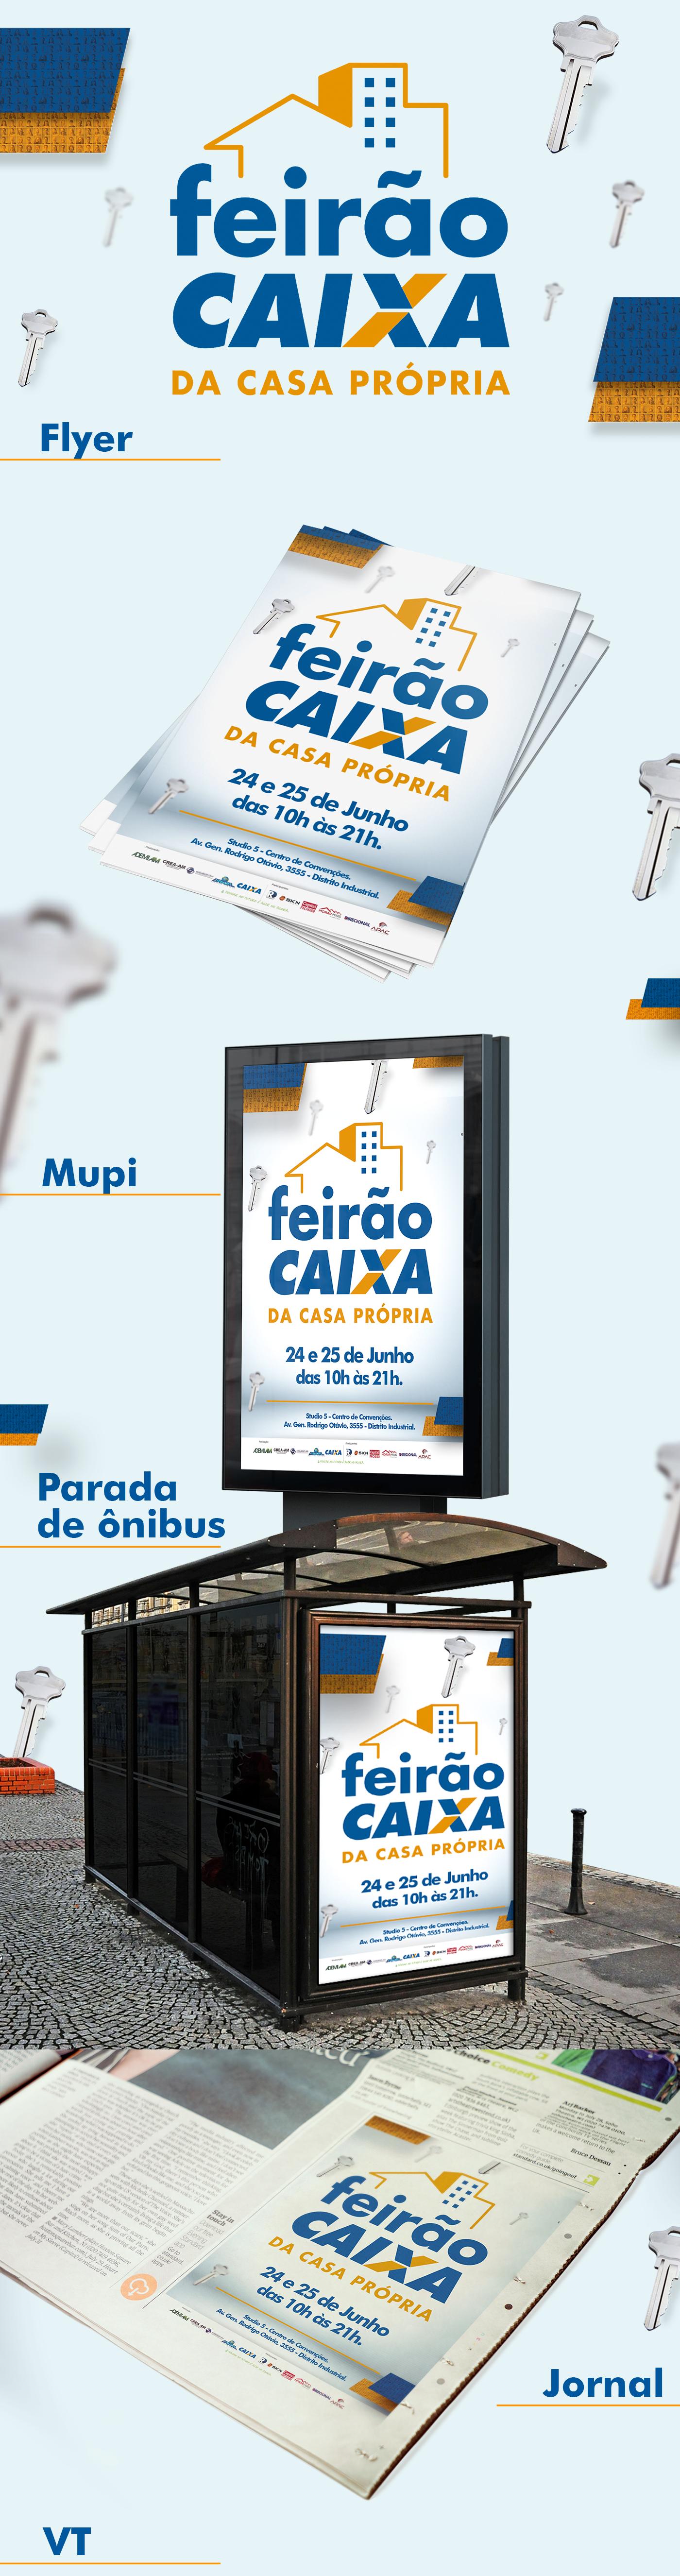 casapropria LBz.agency Caixa Feirão da CAIXA Advertising